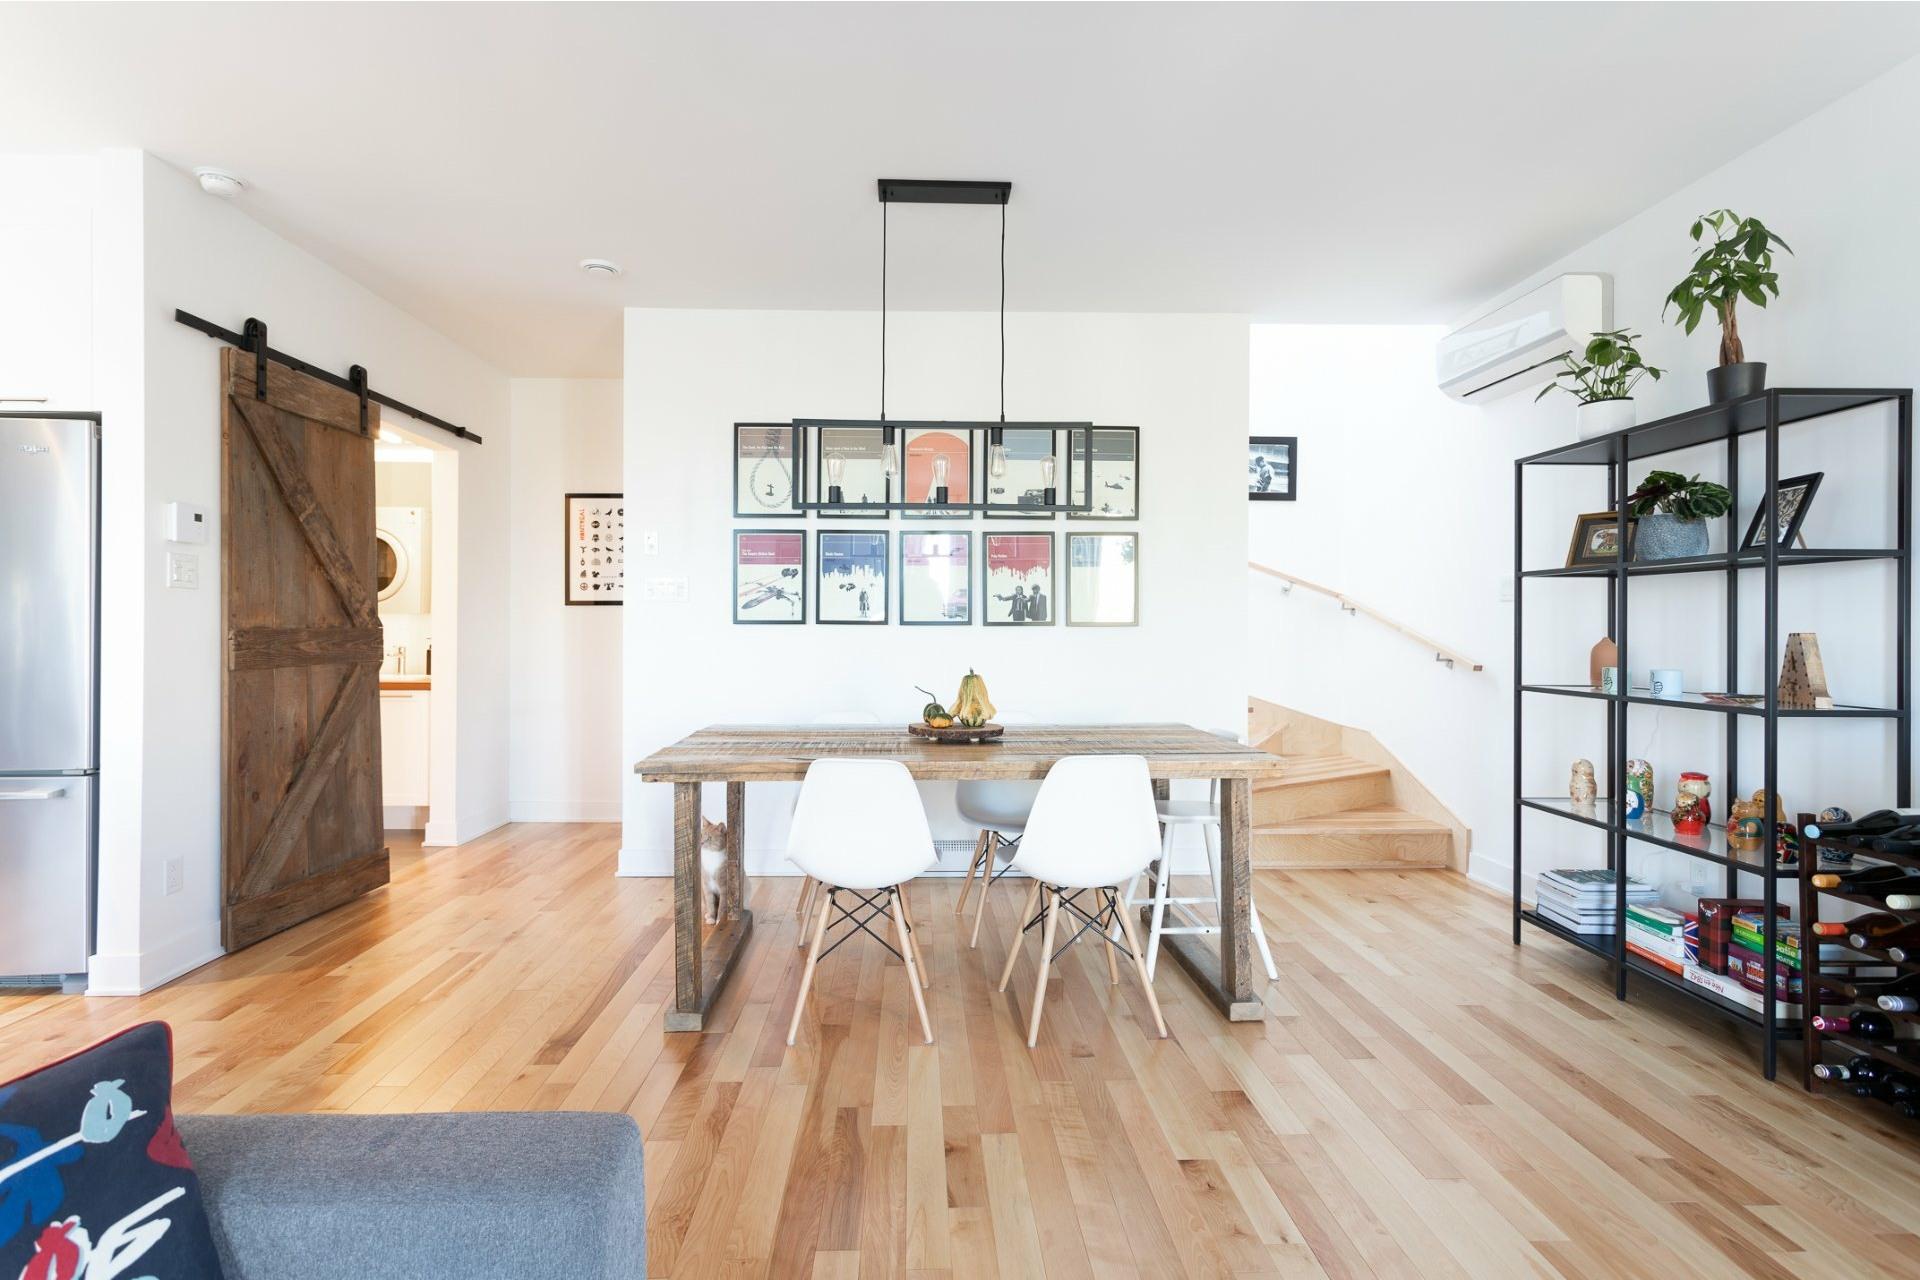 image 0 - Appartement À vendre Villeray/Saint-Michel/Parc-Extension Montréal  - 5 pièces